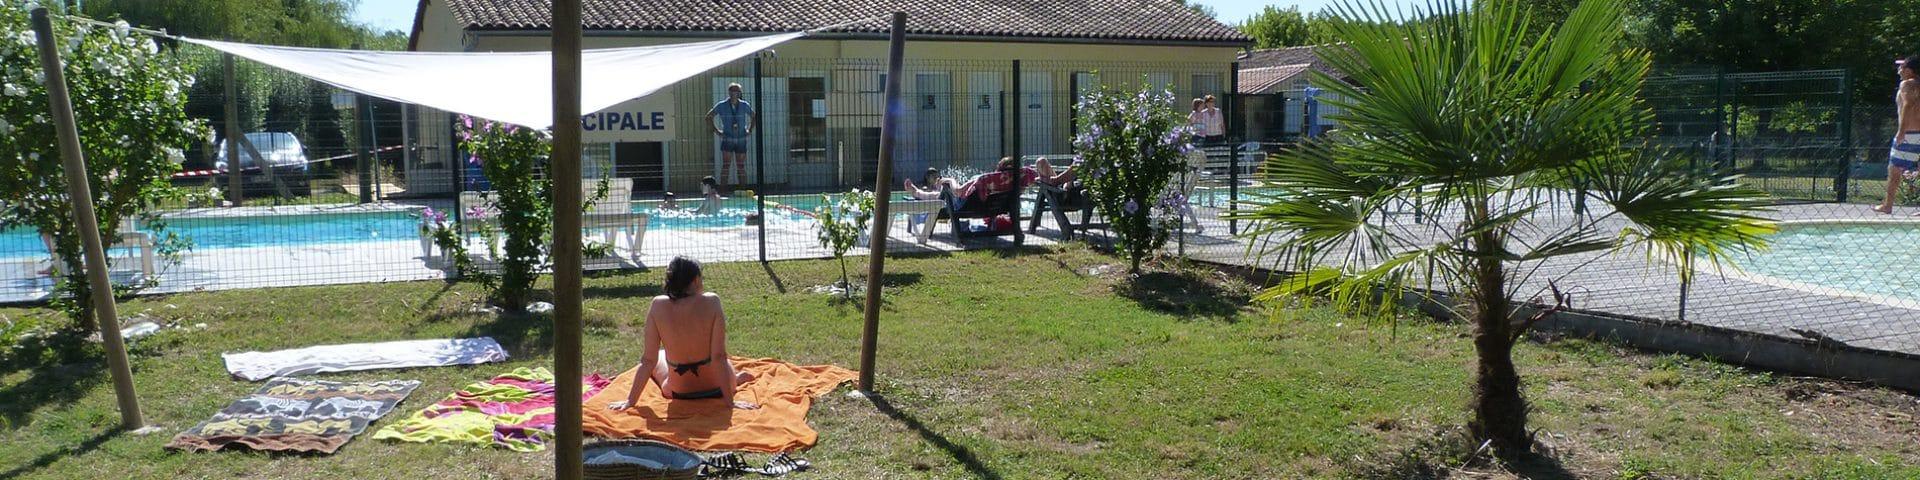 Camping La Dordogne Verte : Espace Aquatique Famille 3849586876